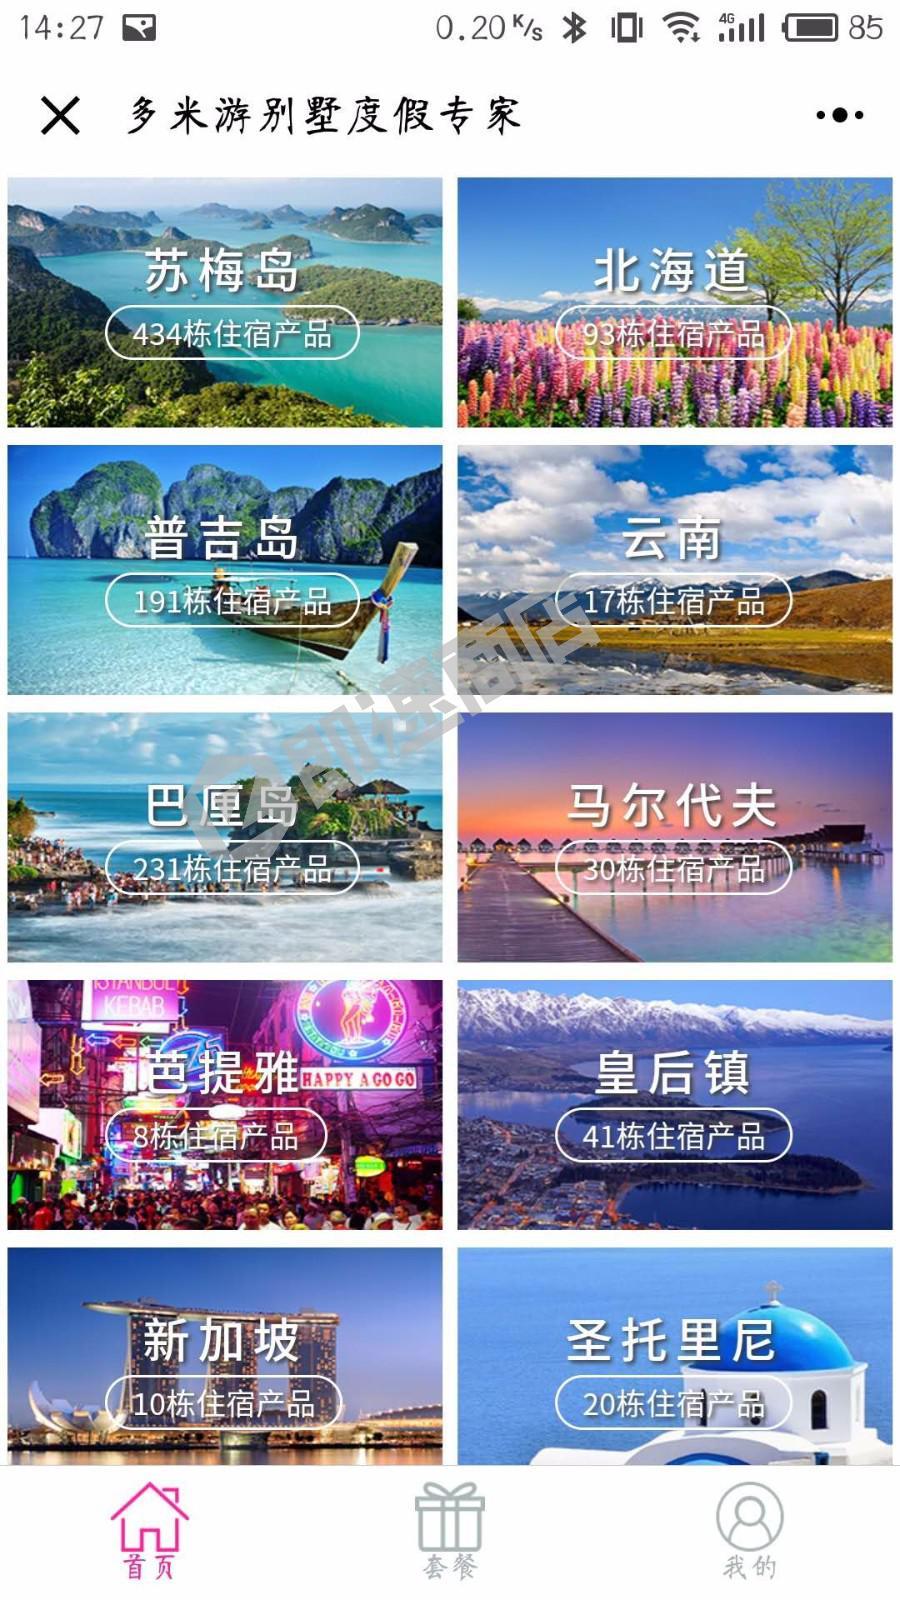 多米游高端别墅酒店主题度假定制小程序列表页截图